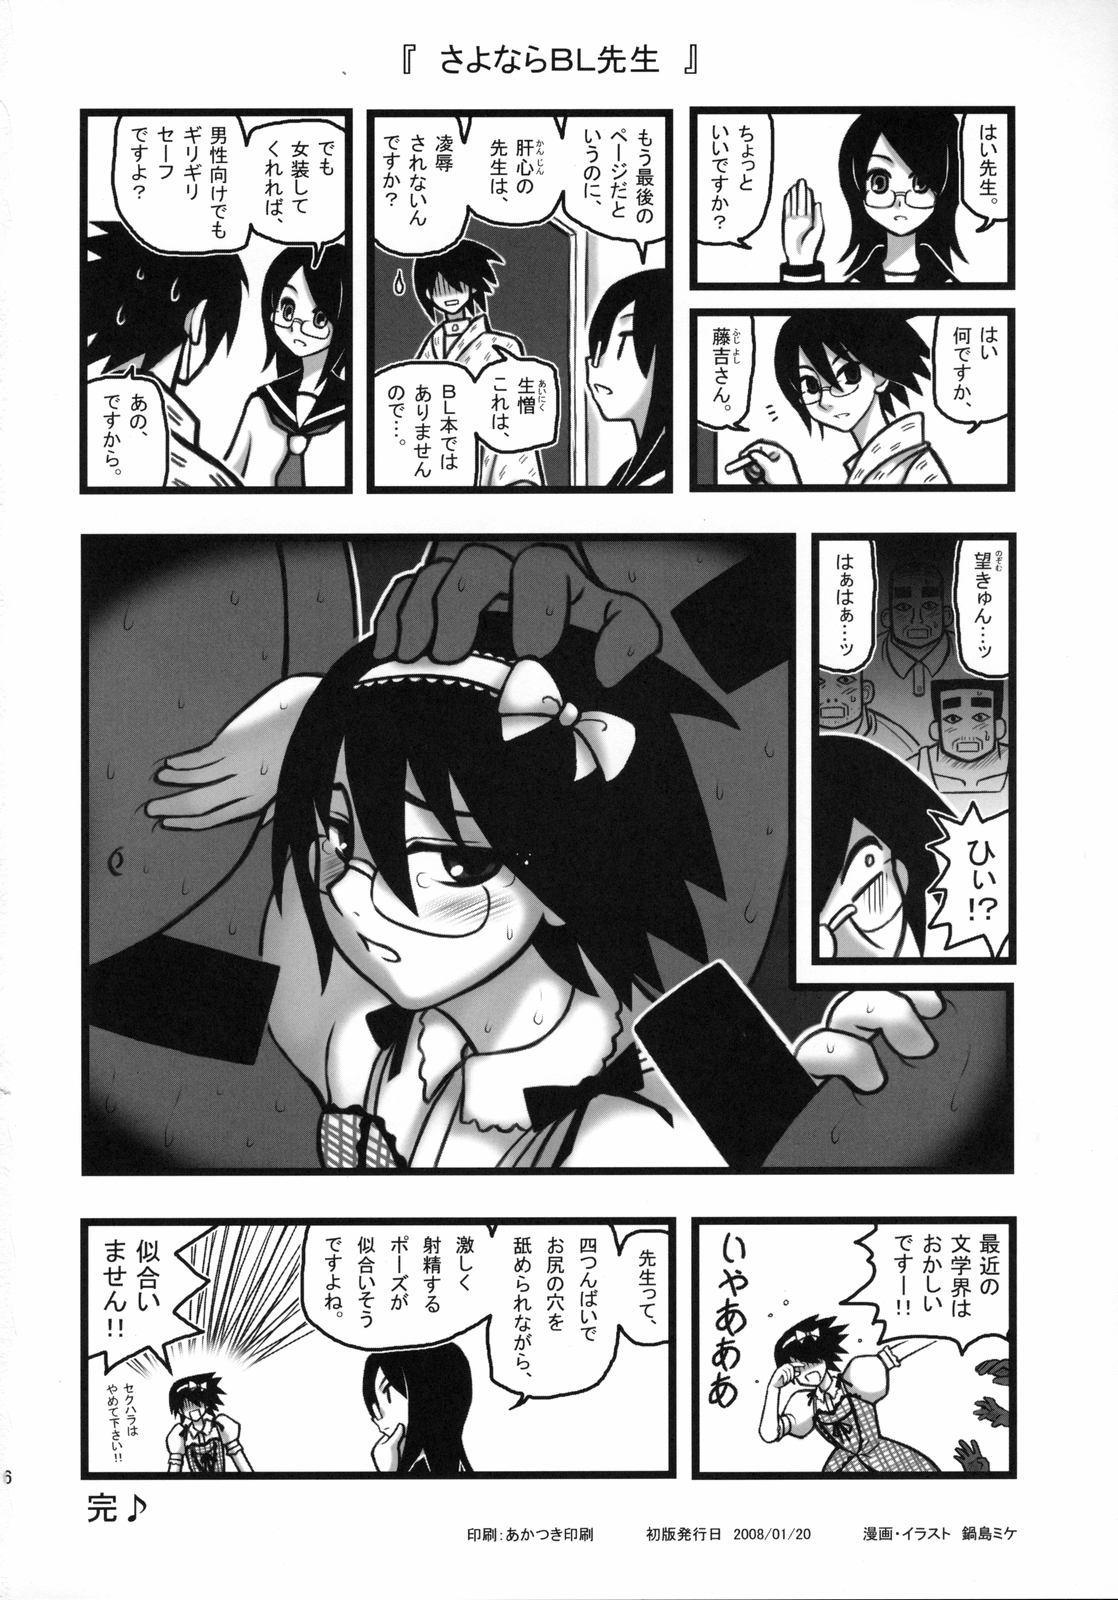 Ryoujoku Fuura Kafuka no Zetsubou 14